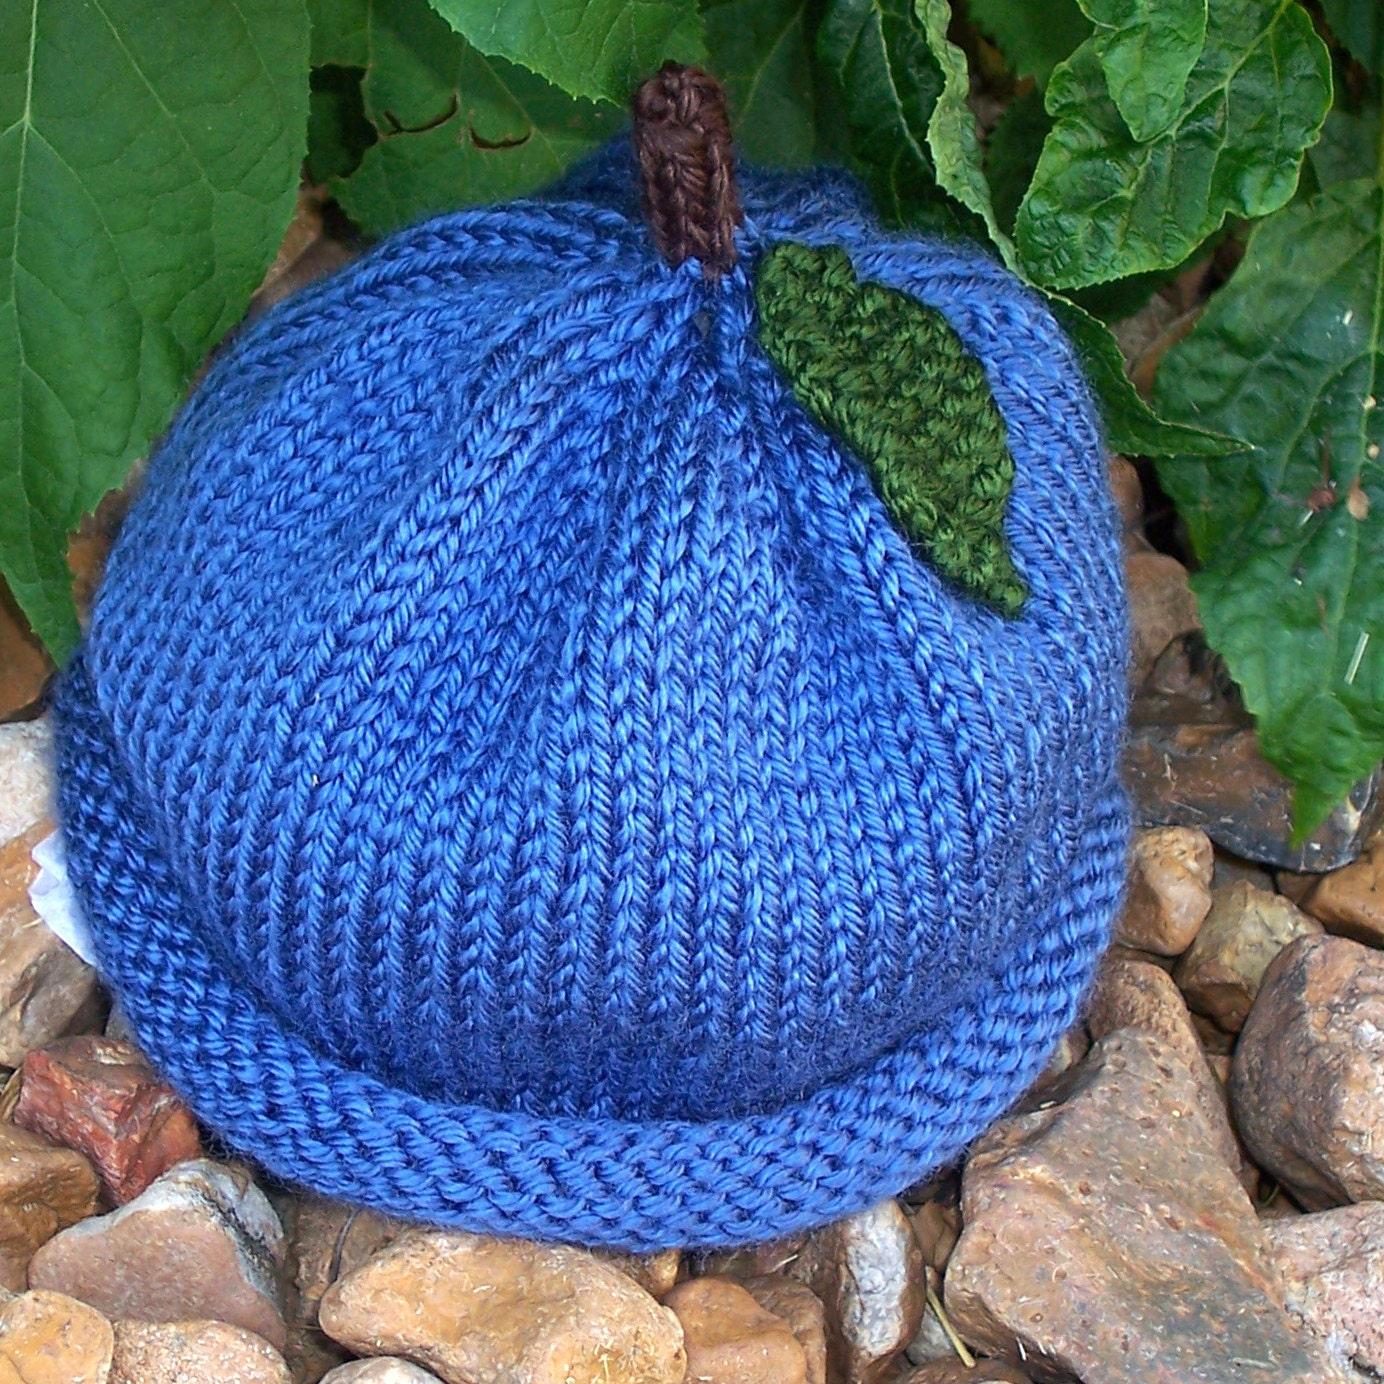 PATTERN Blueberry Knit Baby Hat